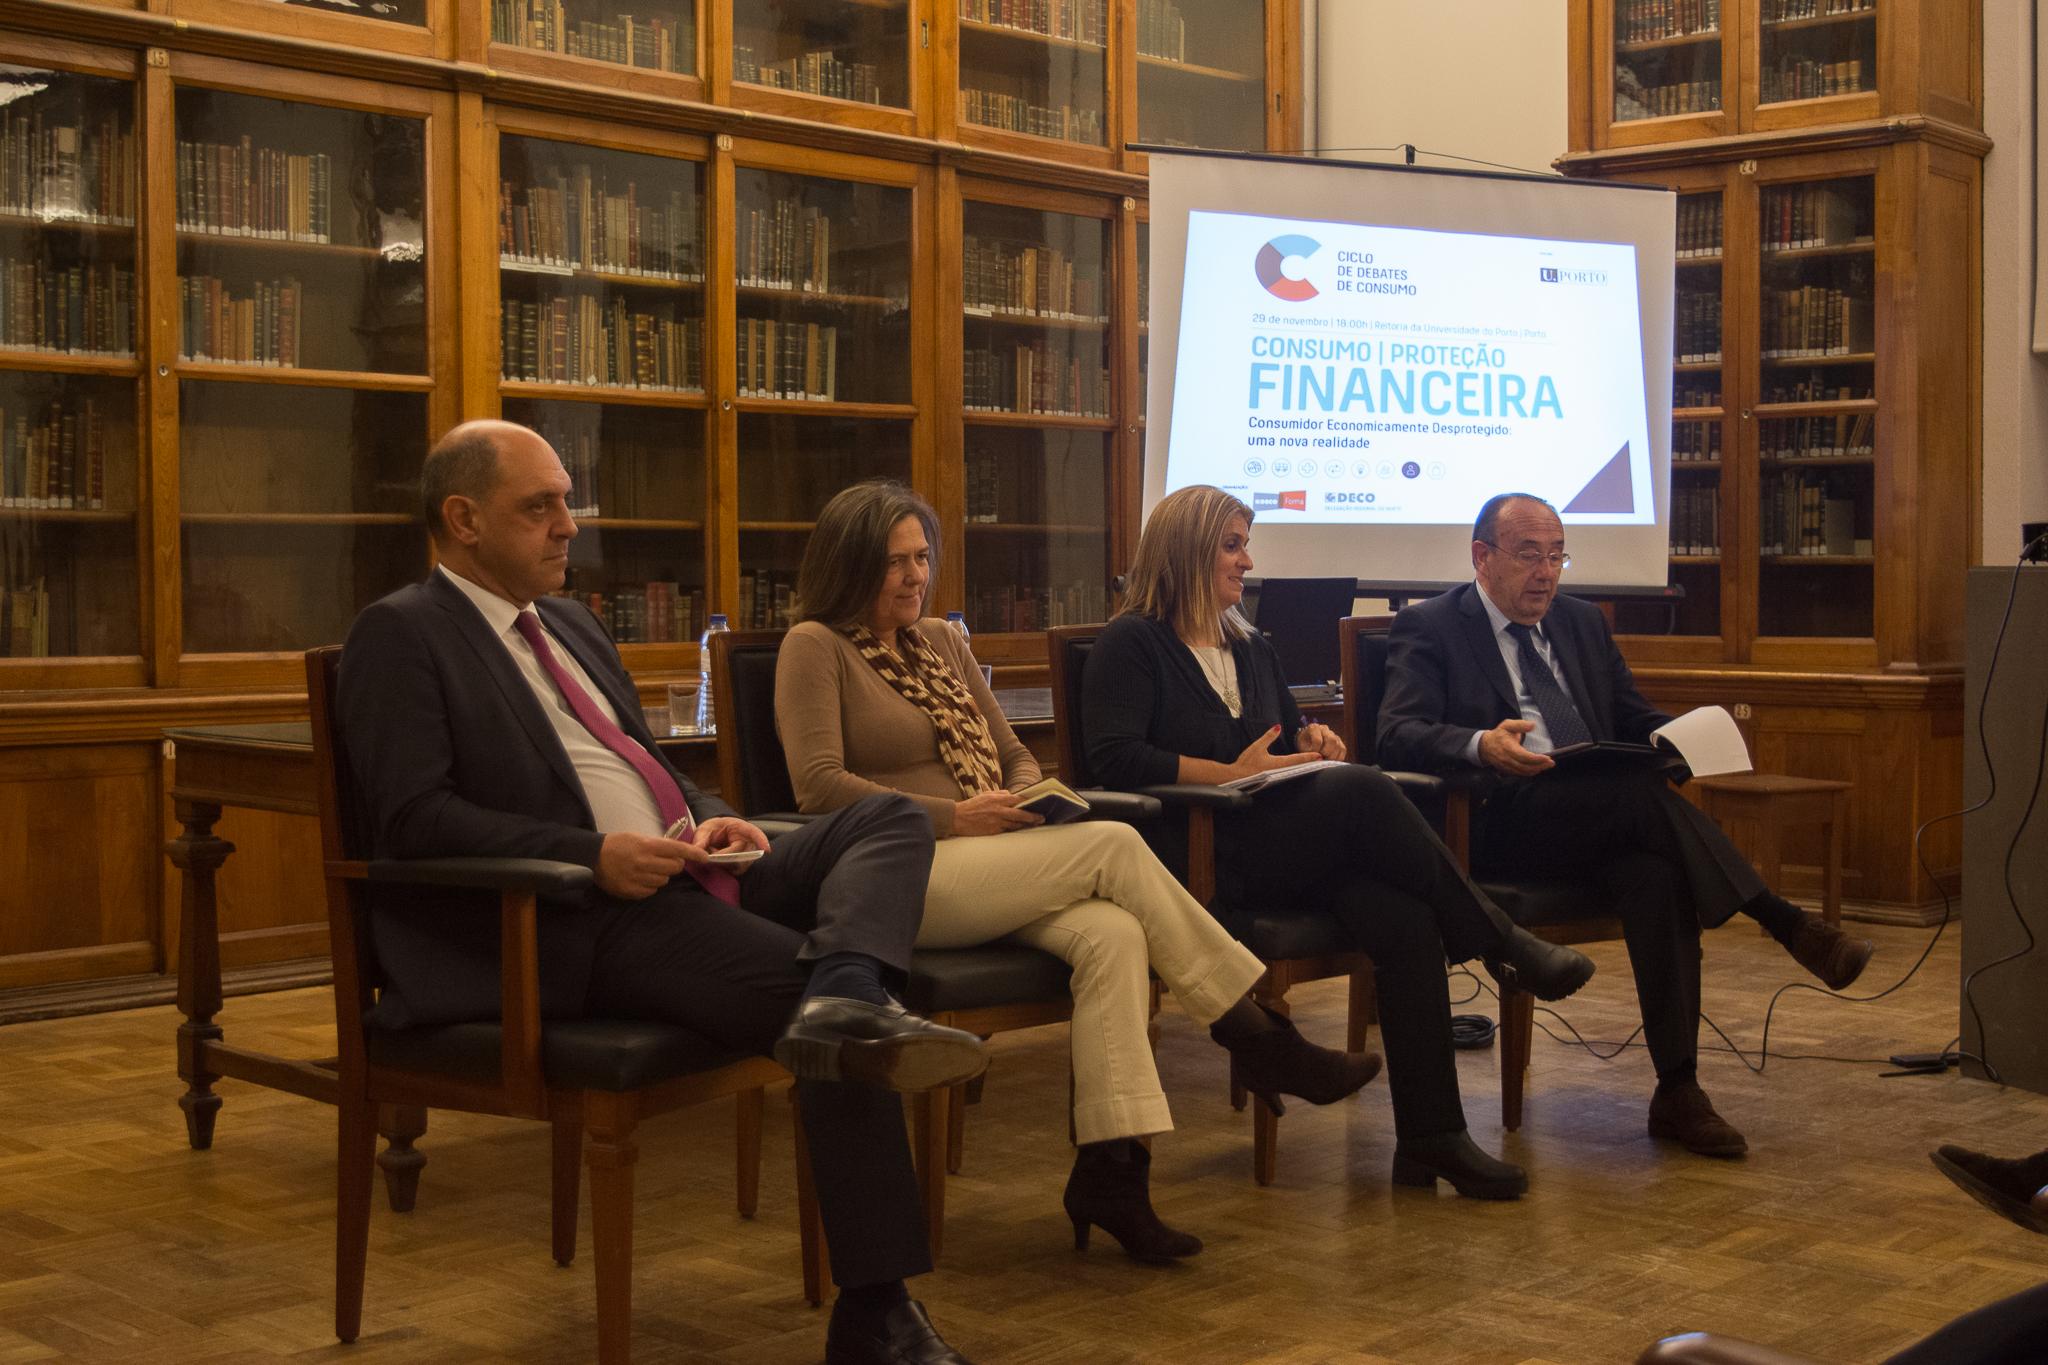 Debate na Universidade do Porto sobre proteção financeira do consumidor